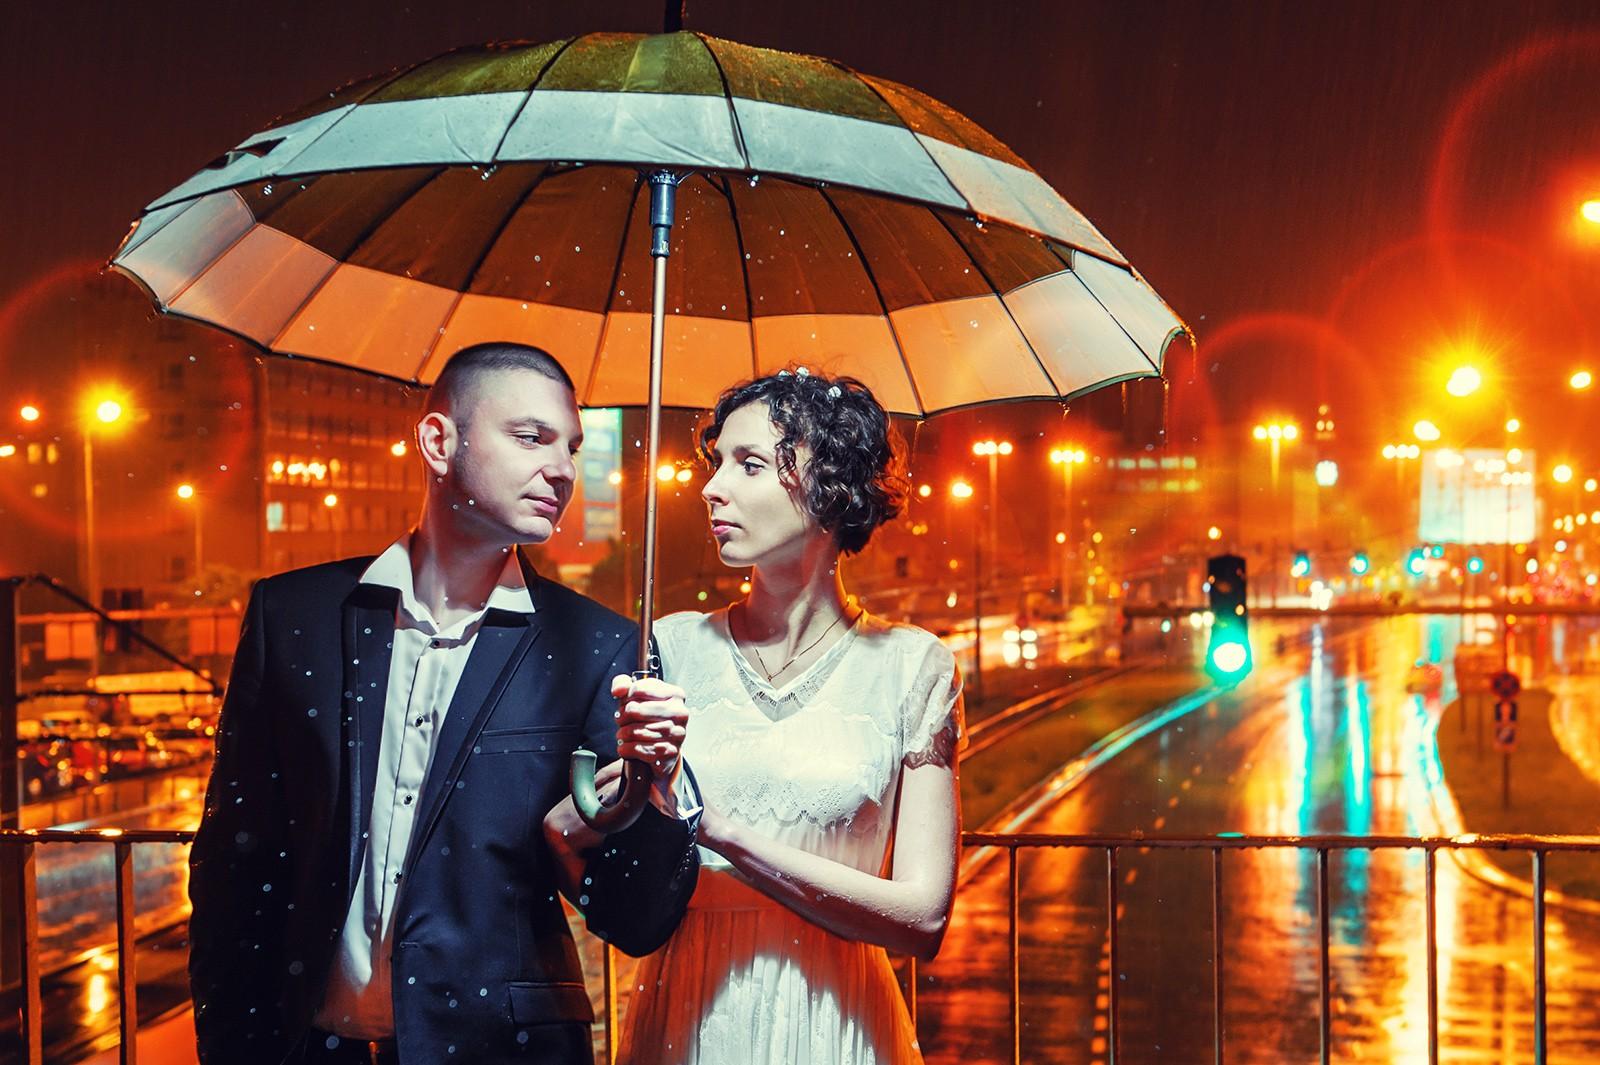 Zdjęcia Ślubne w deszczu - Wrocław